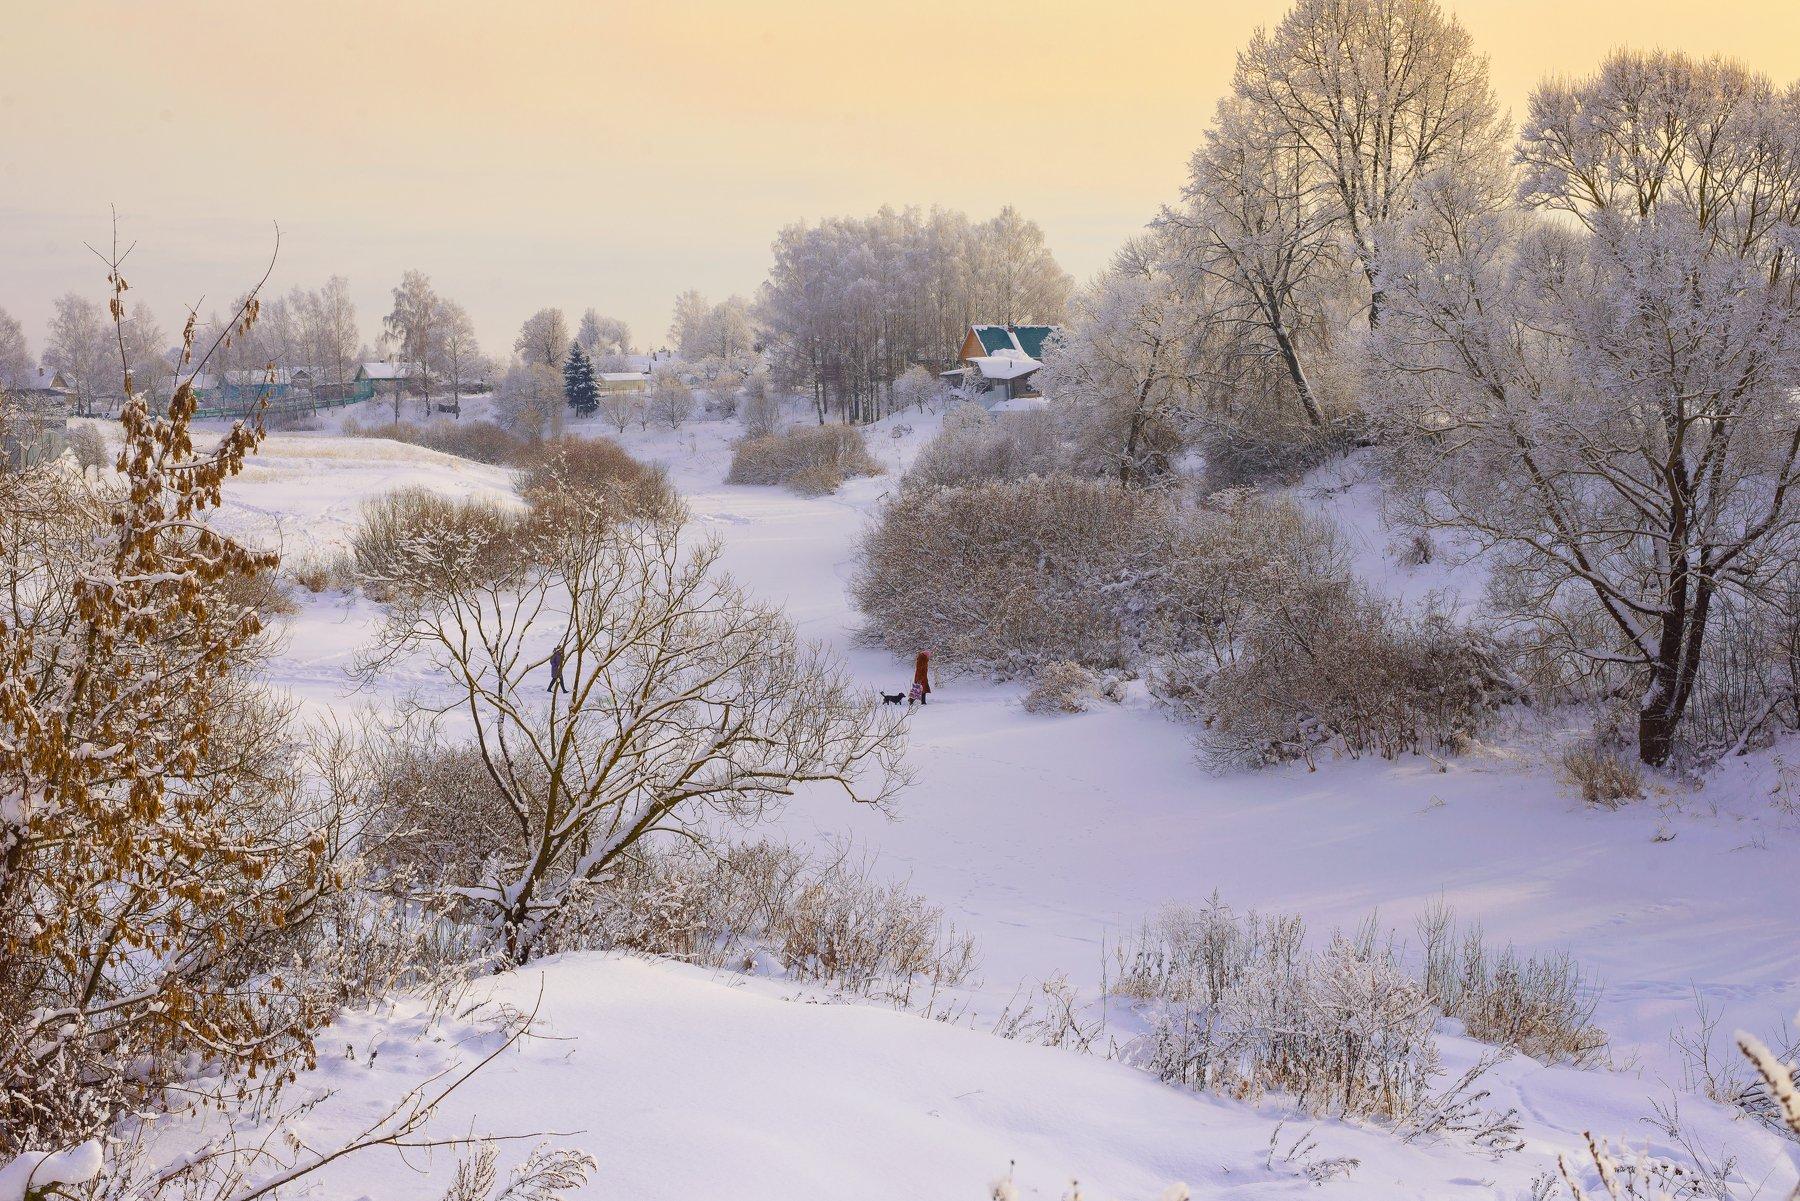 деревенский пейзаж, деревья в инее, зима, пейзаж, мороз,пейзаж,река,снег, смоленская область, сугробы, россия, небо,, Лидия Киприч